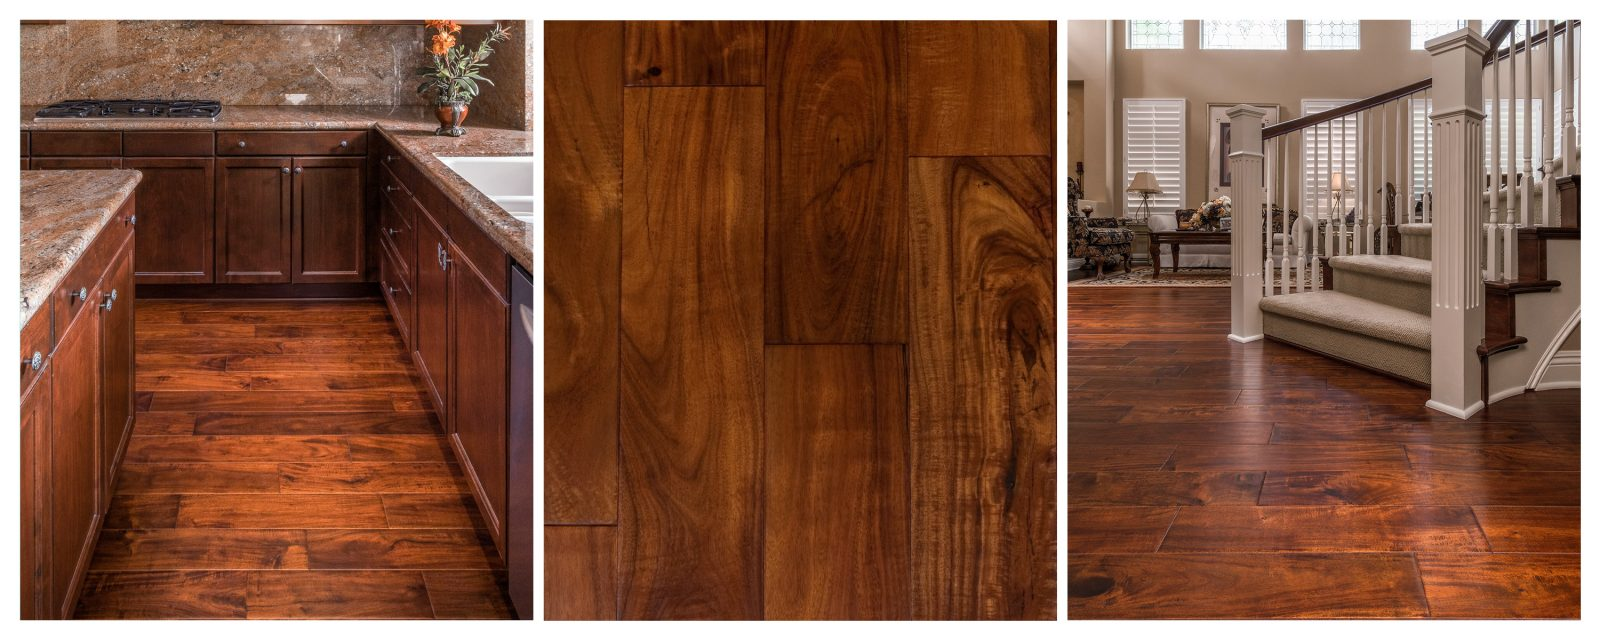 Hardwood Floor Trend - Bronze Hardwood Flooring